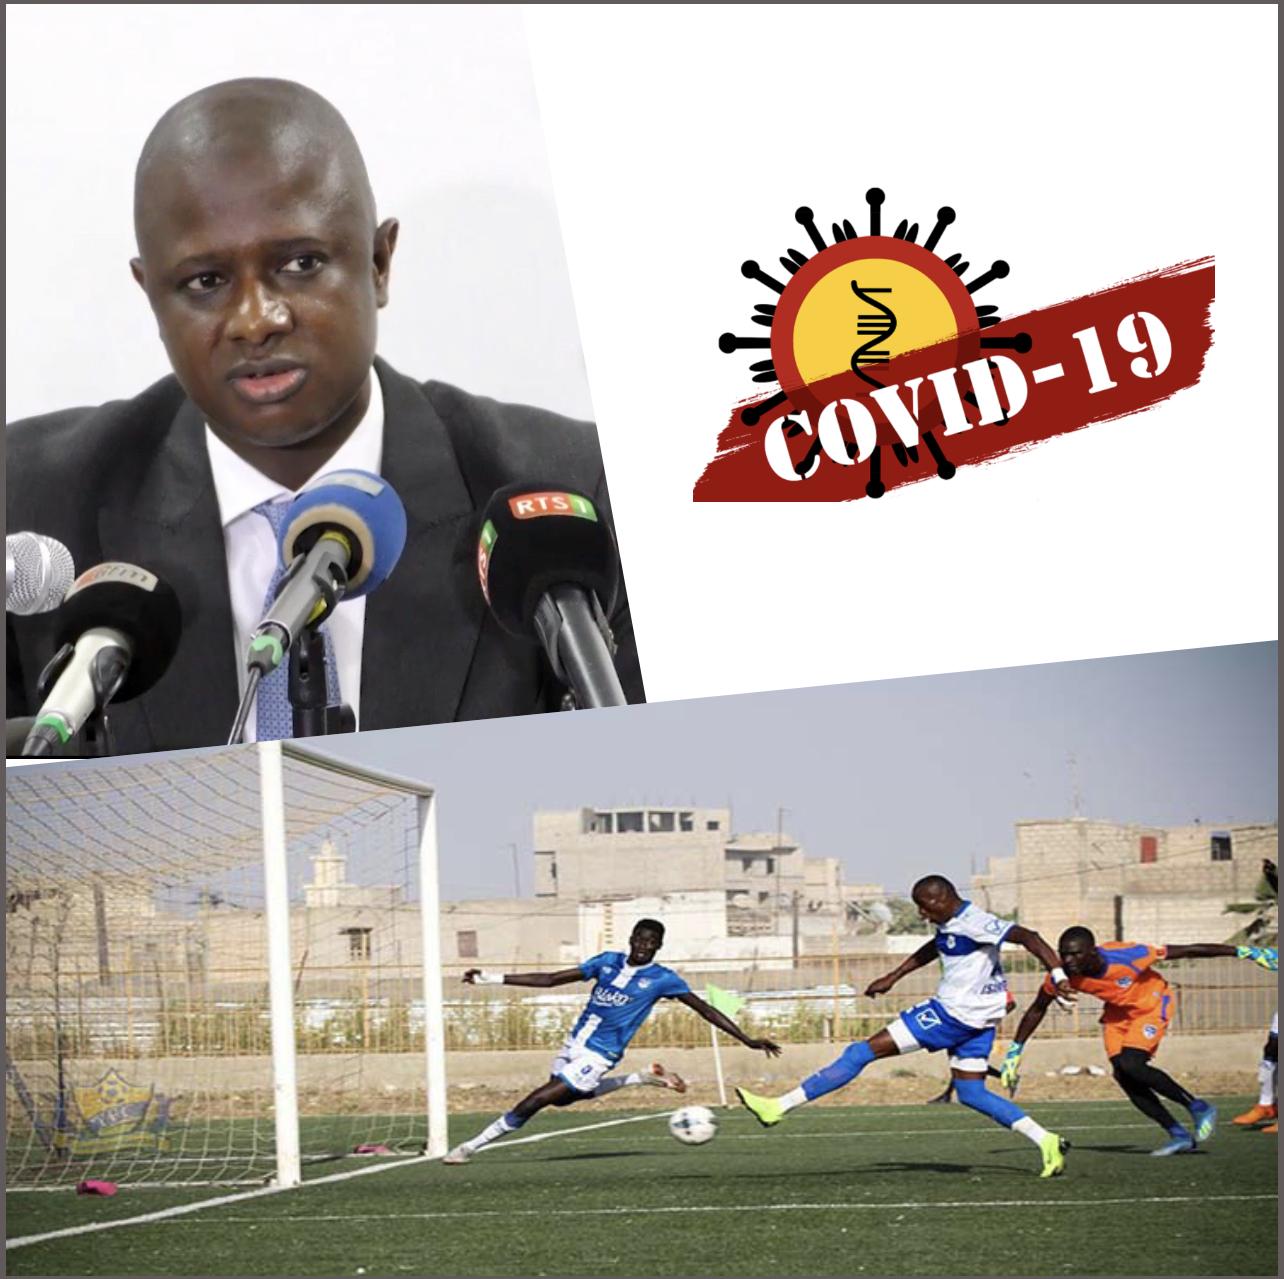 Interdiction des rassemblements sur les terrains de sport : Cet arrêté du ministère de l'intérieur qui menace la survie du football sénégalais.